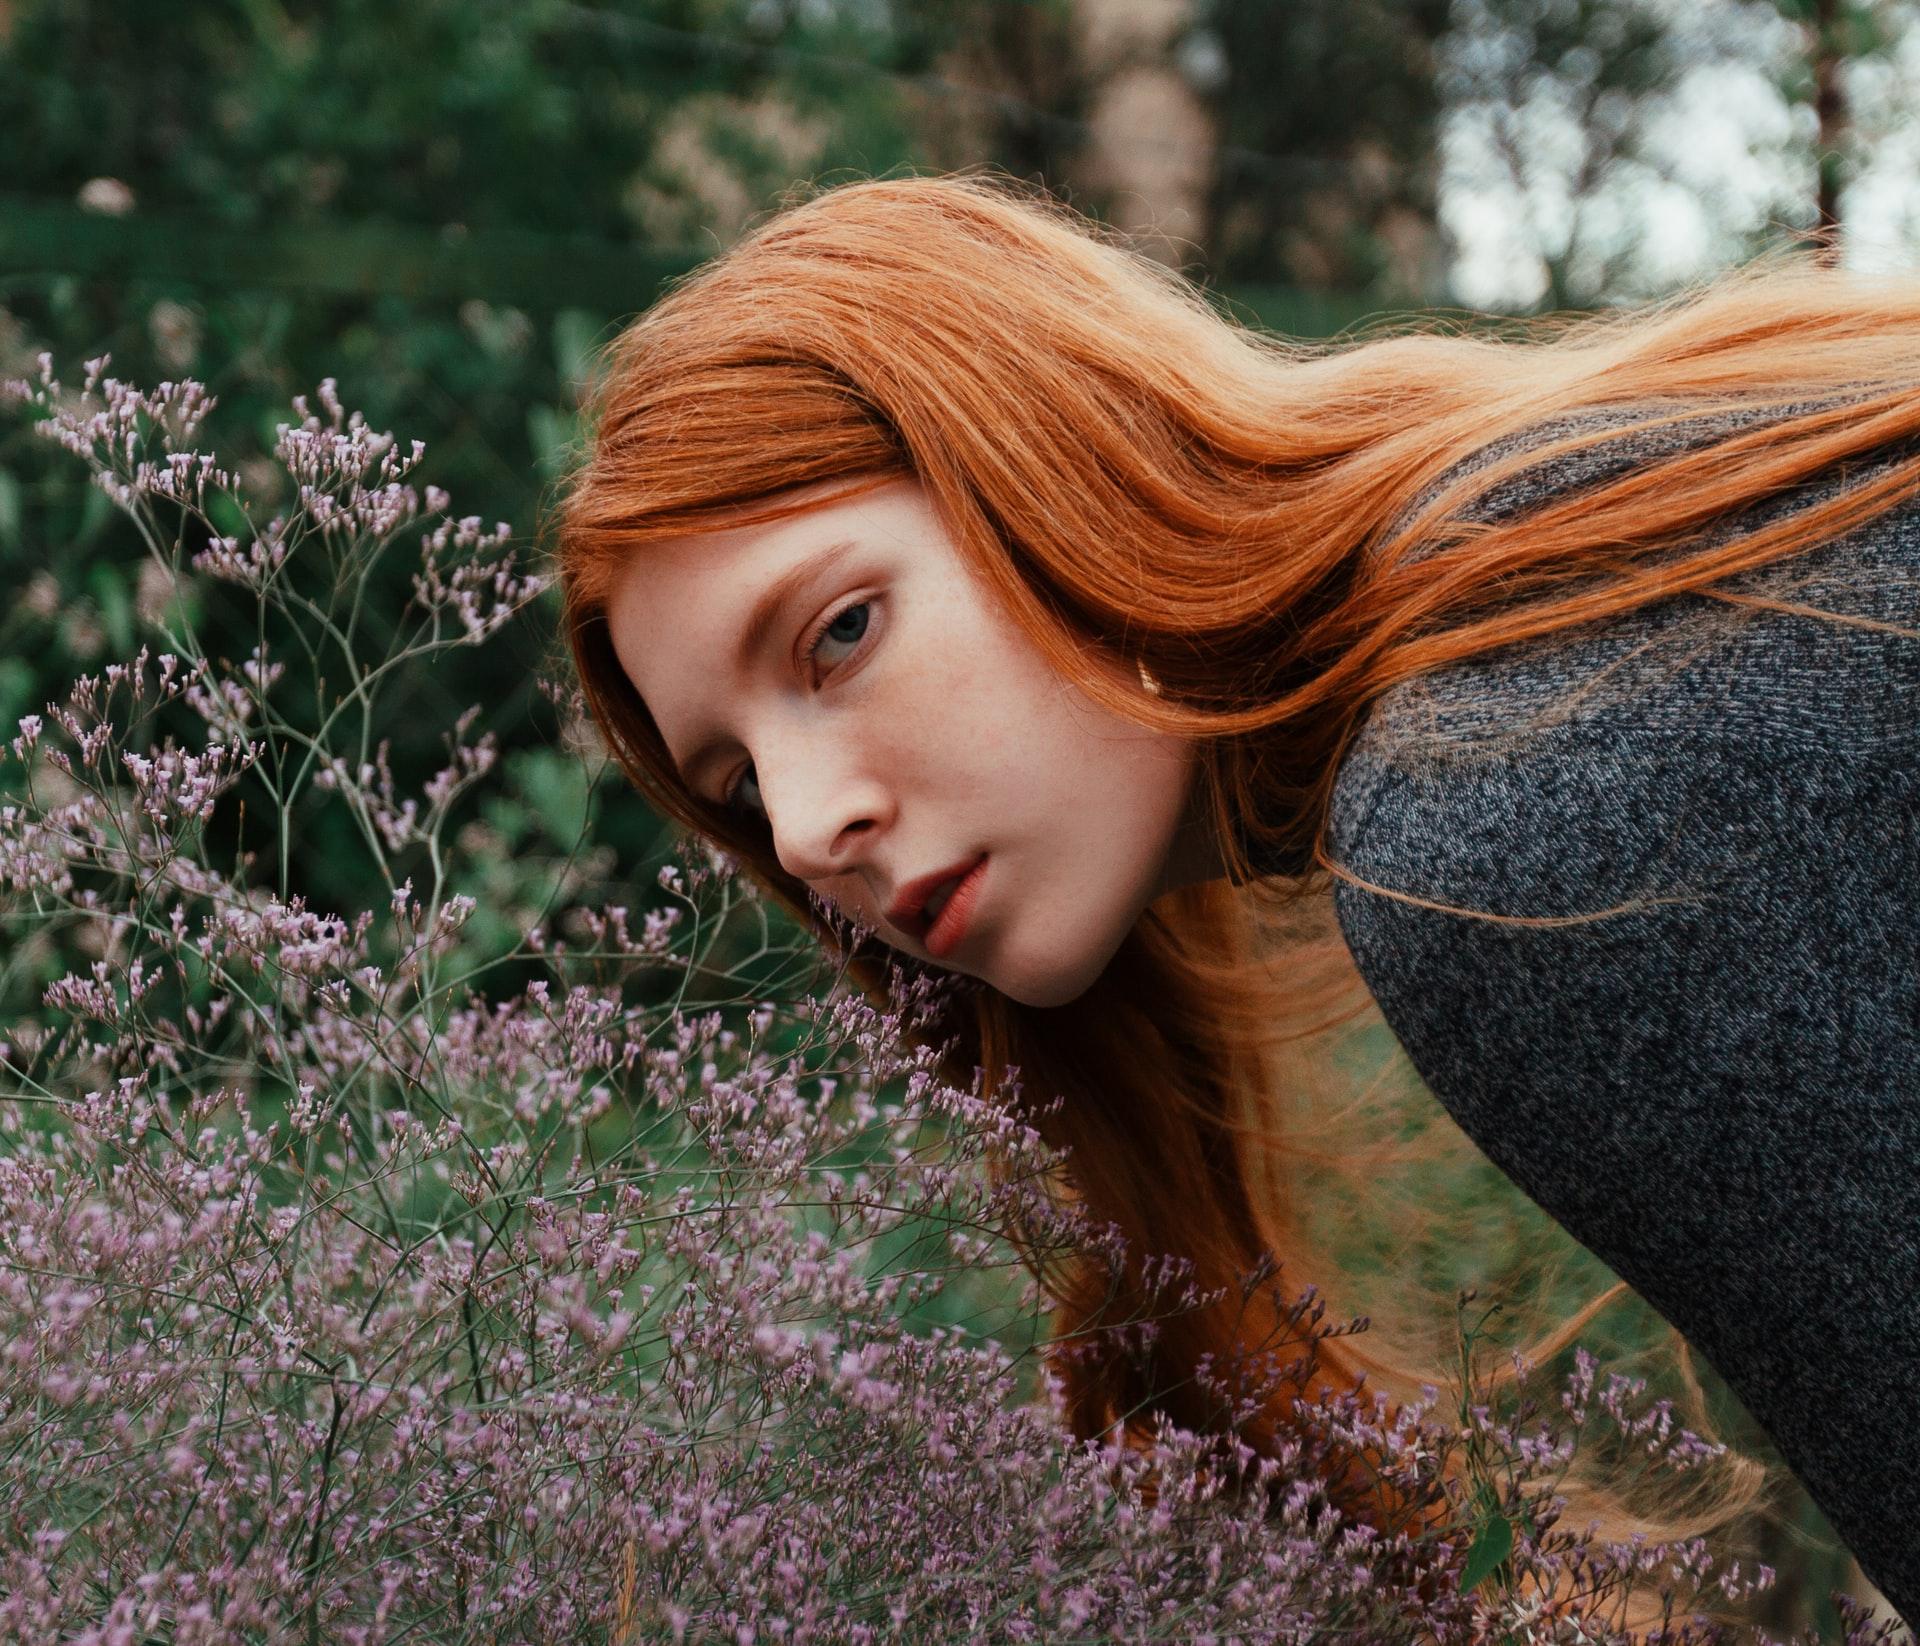 cung hoàng đạo cô gái tóc cam và bụi hoa